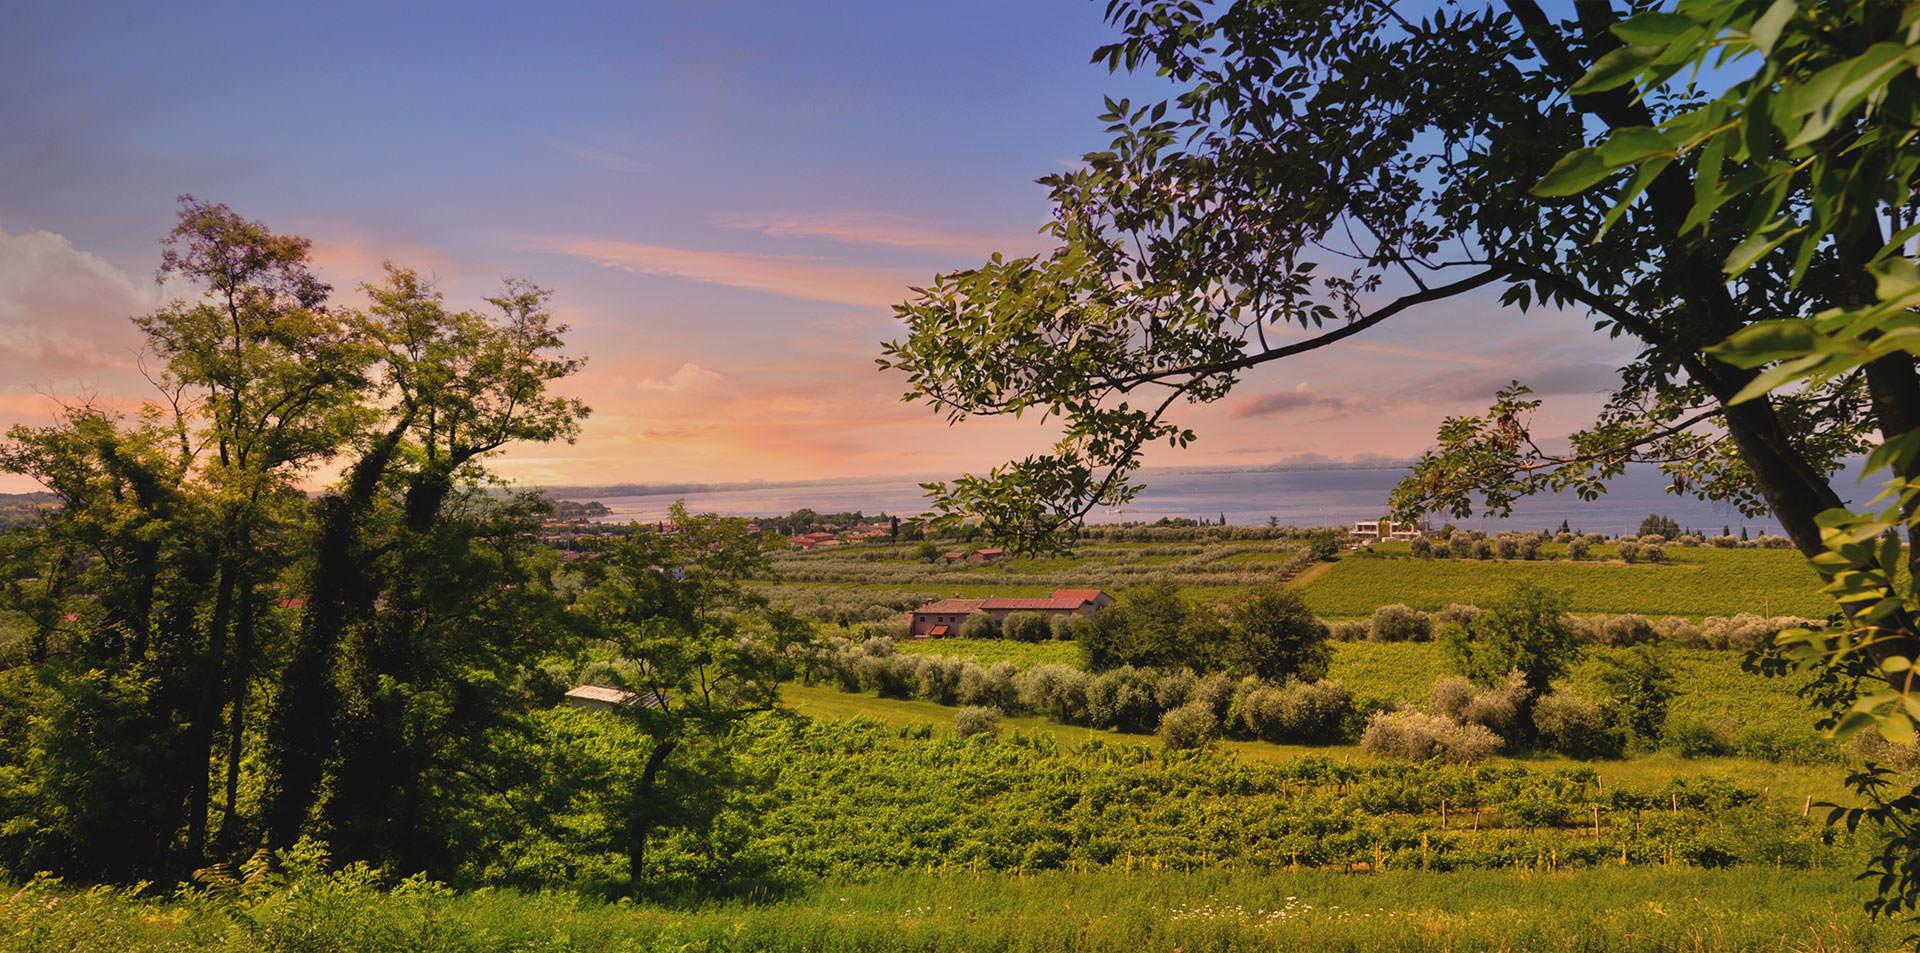 Produzione spumanti Rosè, spumanti Brut, vini rosati, metodo classico. Azienda agricola situata sulle colline di Bardolino, Lago di Garda.